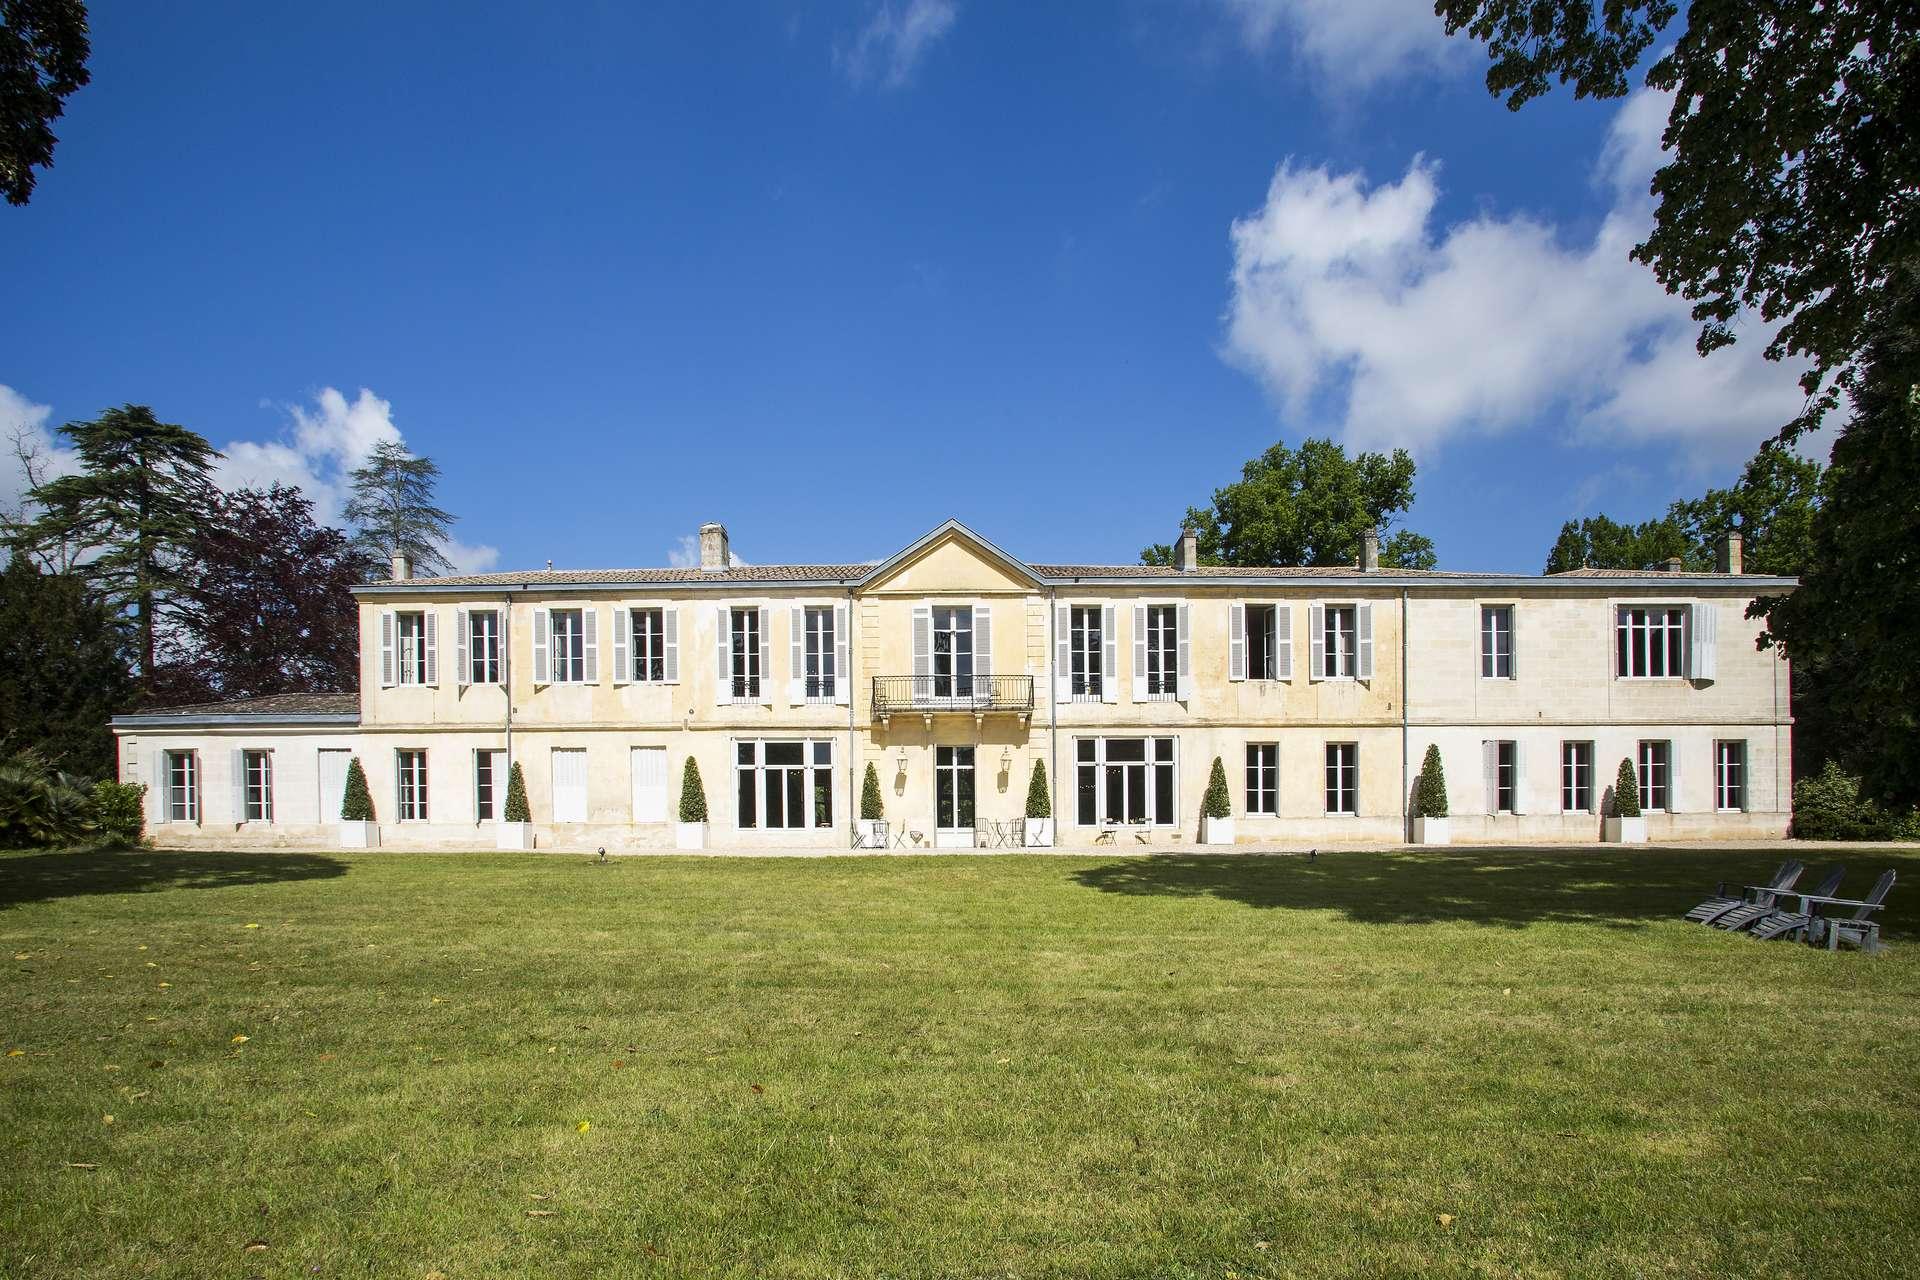 Luxury vacation rentals europe - France - Southwest france - Bord eaux - Chartreuse de Bordeaux - Image 1/24